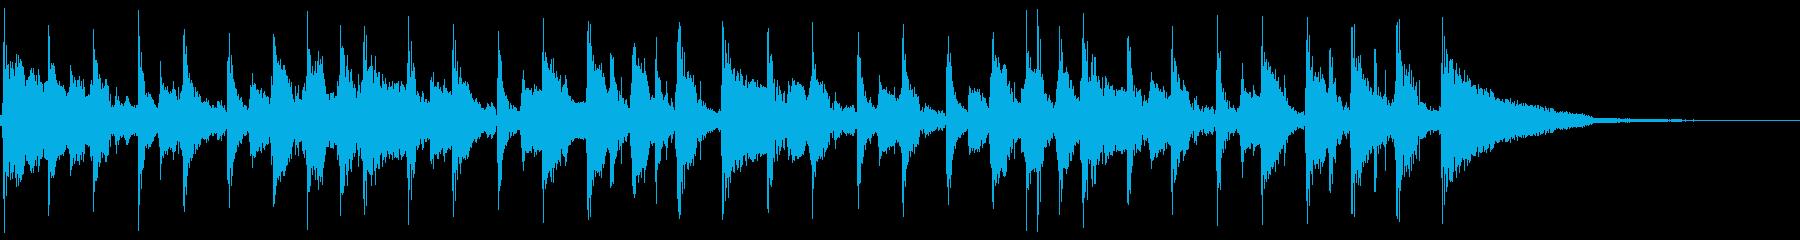 おしゃれロック♪企業VP・映像ジングル2の再生済みの波形